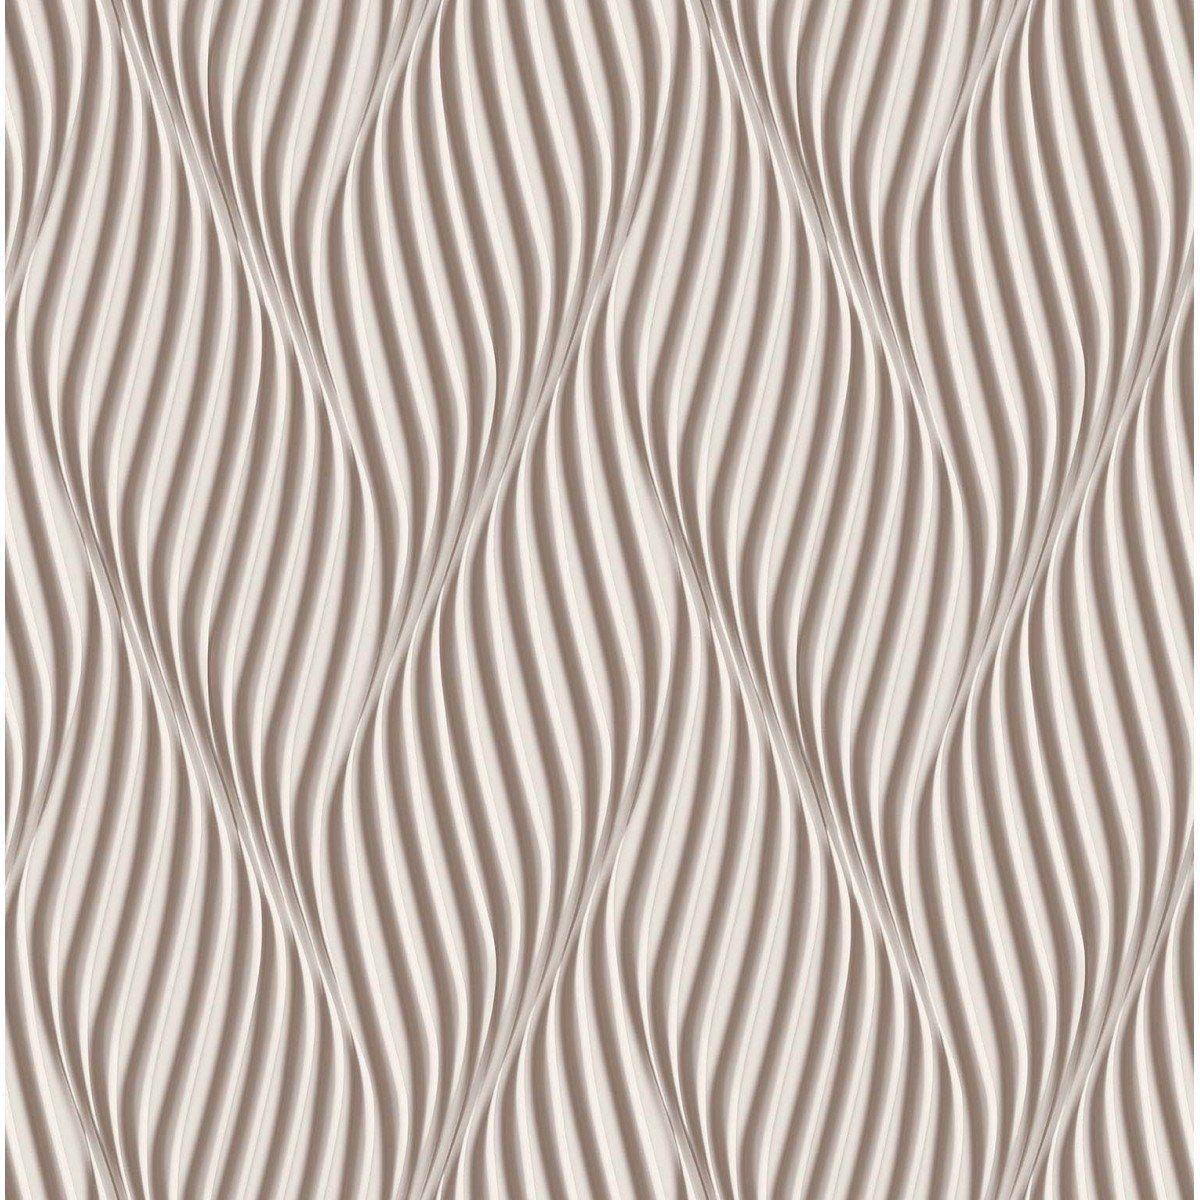 Papel de Parede Bobinex Coleção Dimensões Espiral Marrom L01 4704 - Lyam Decor